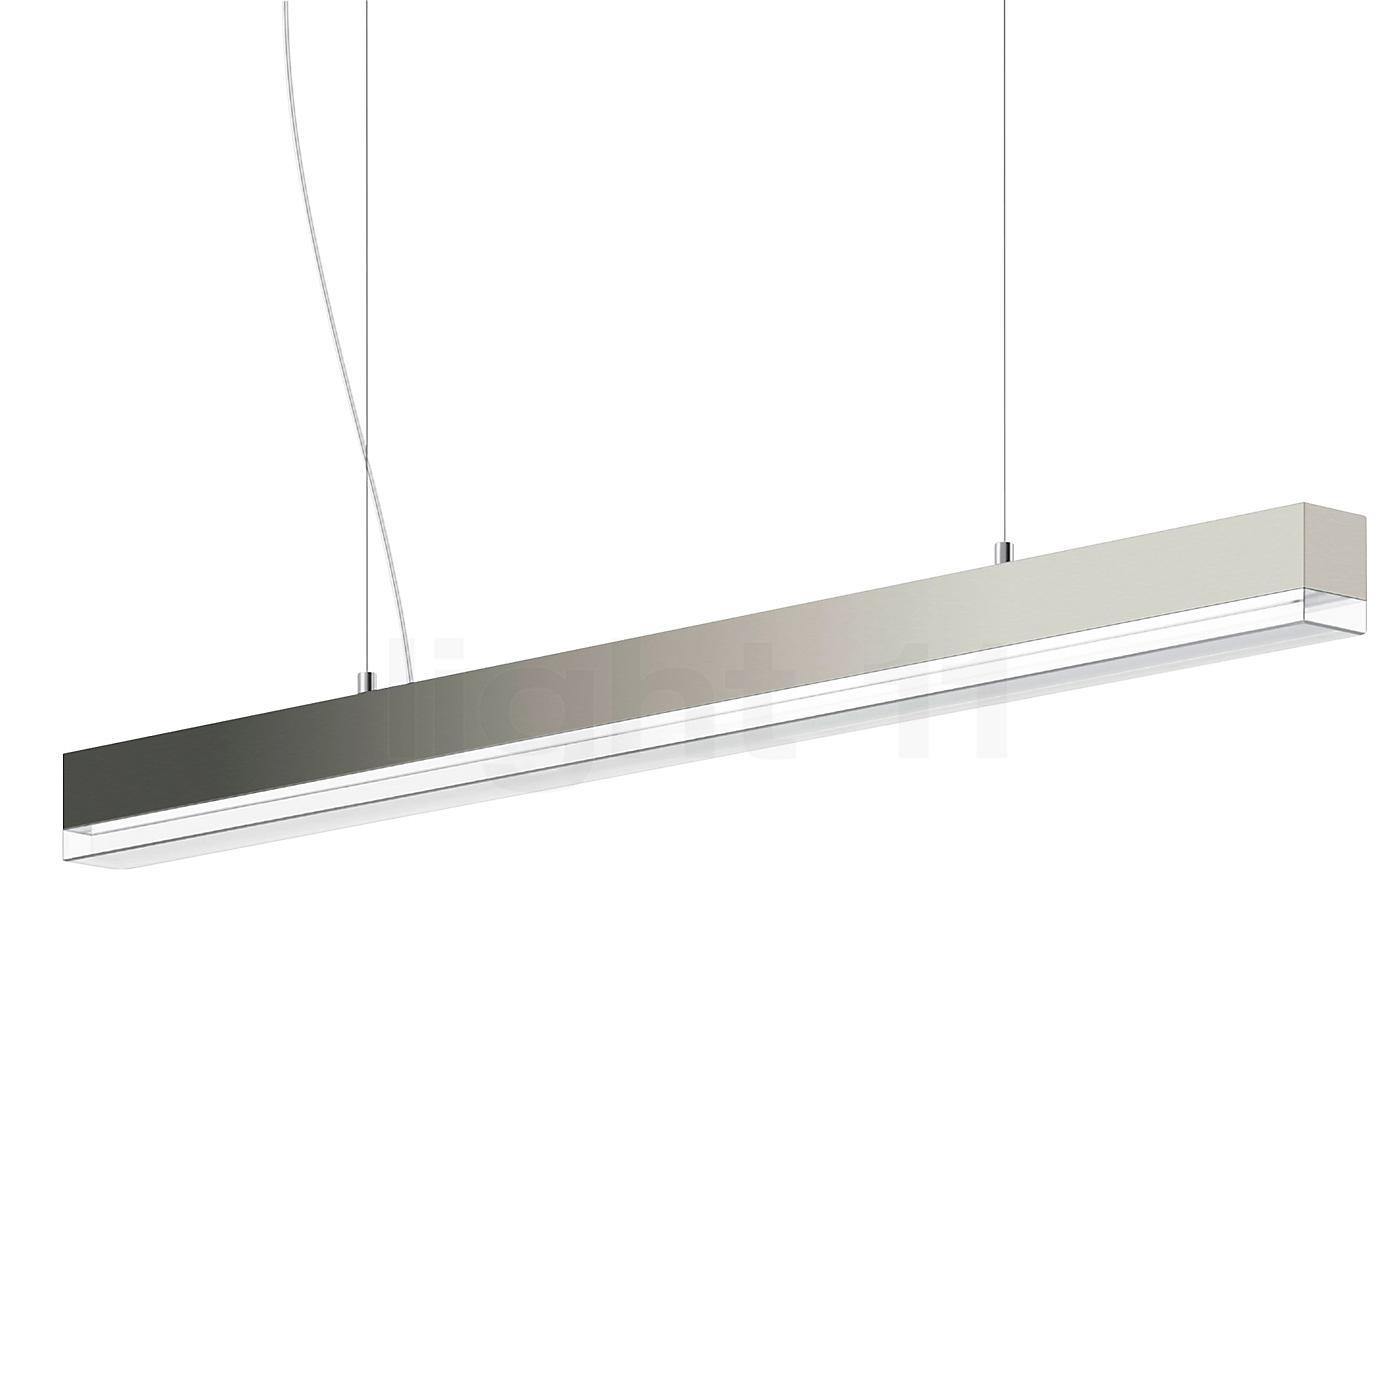 glashuette limburg 5515 5442 hanglamp led hanglampen. Black Bedroom Furniture Sets. Home Design Ideas